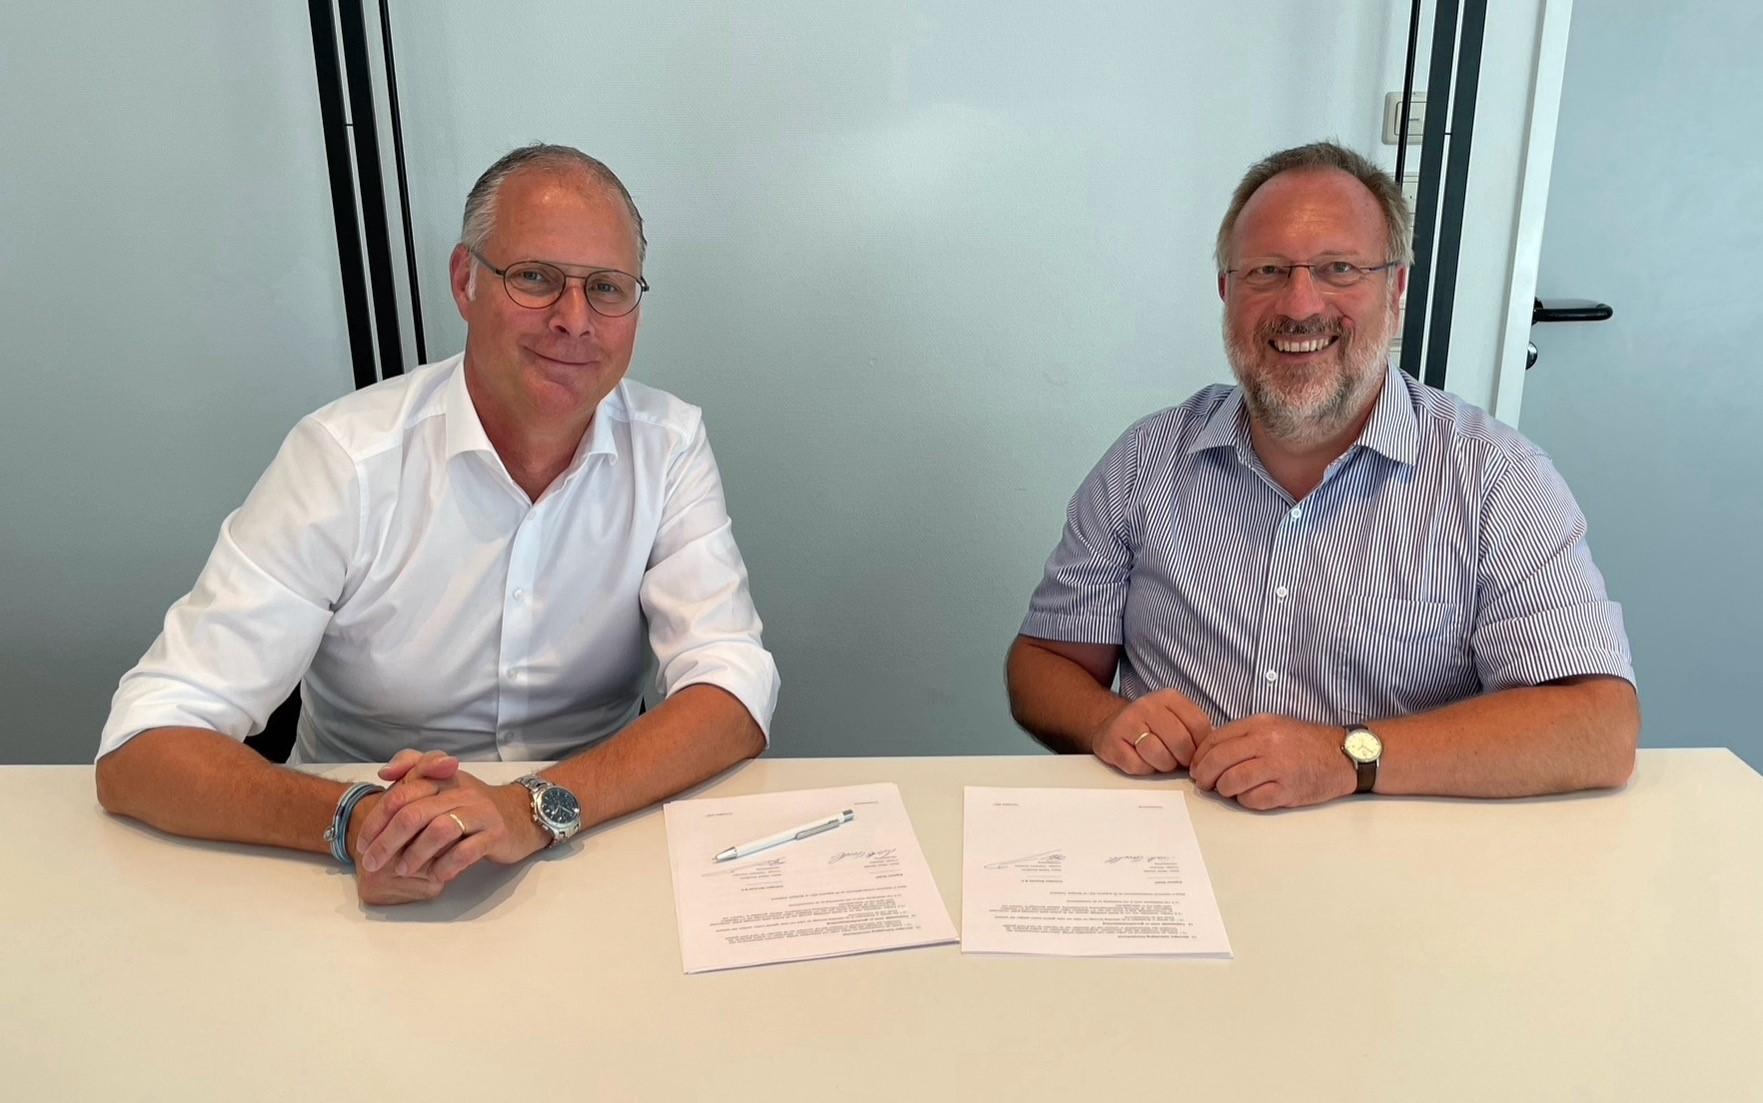 Technisch Directeur Desire Savelkoul van CoVadem en Martin Sandler, bedrijfsleider bij Argonav ondertekenen de samenwerking. (Foto CoVadem)